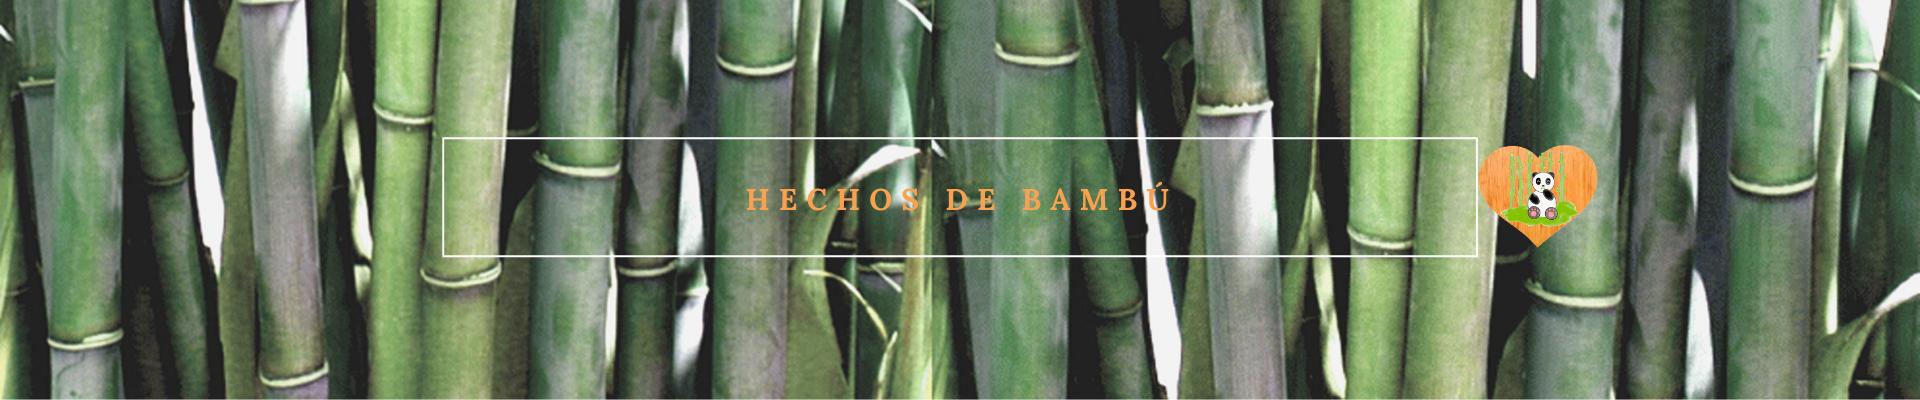 Hechos de Bambu